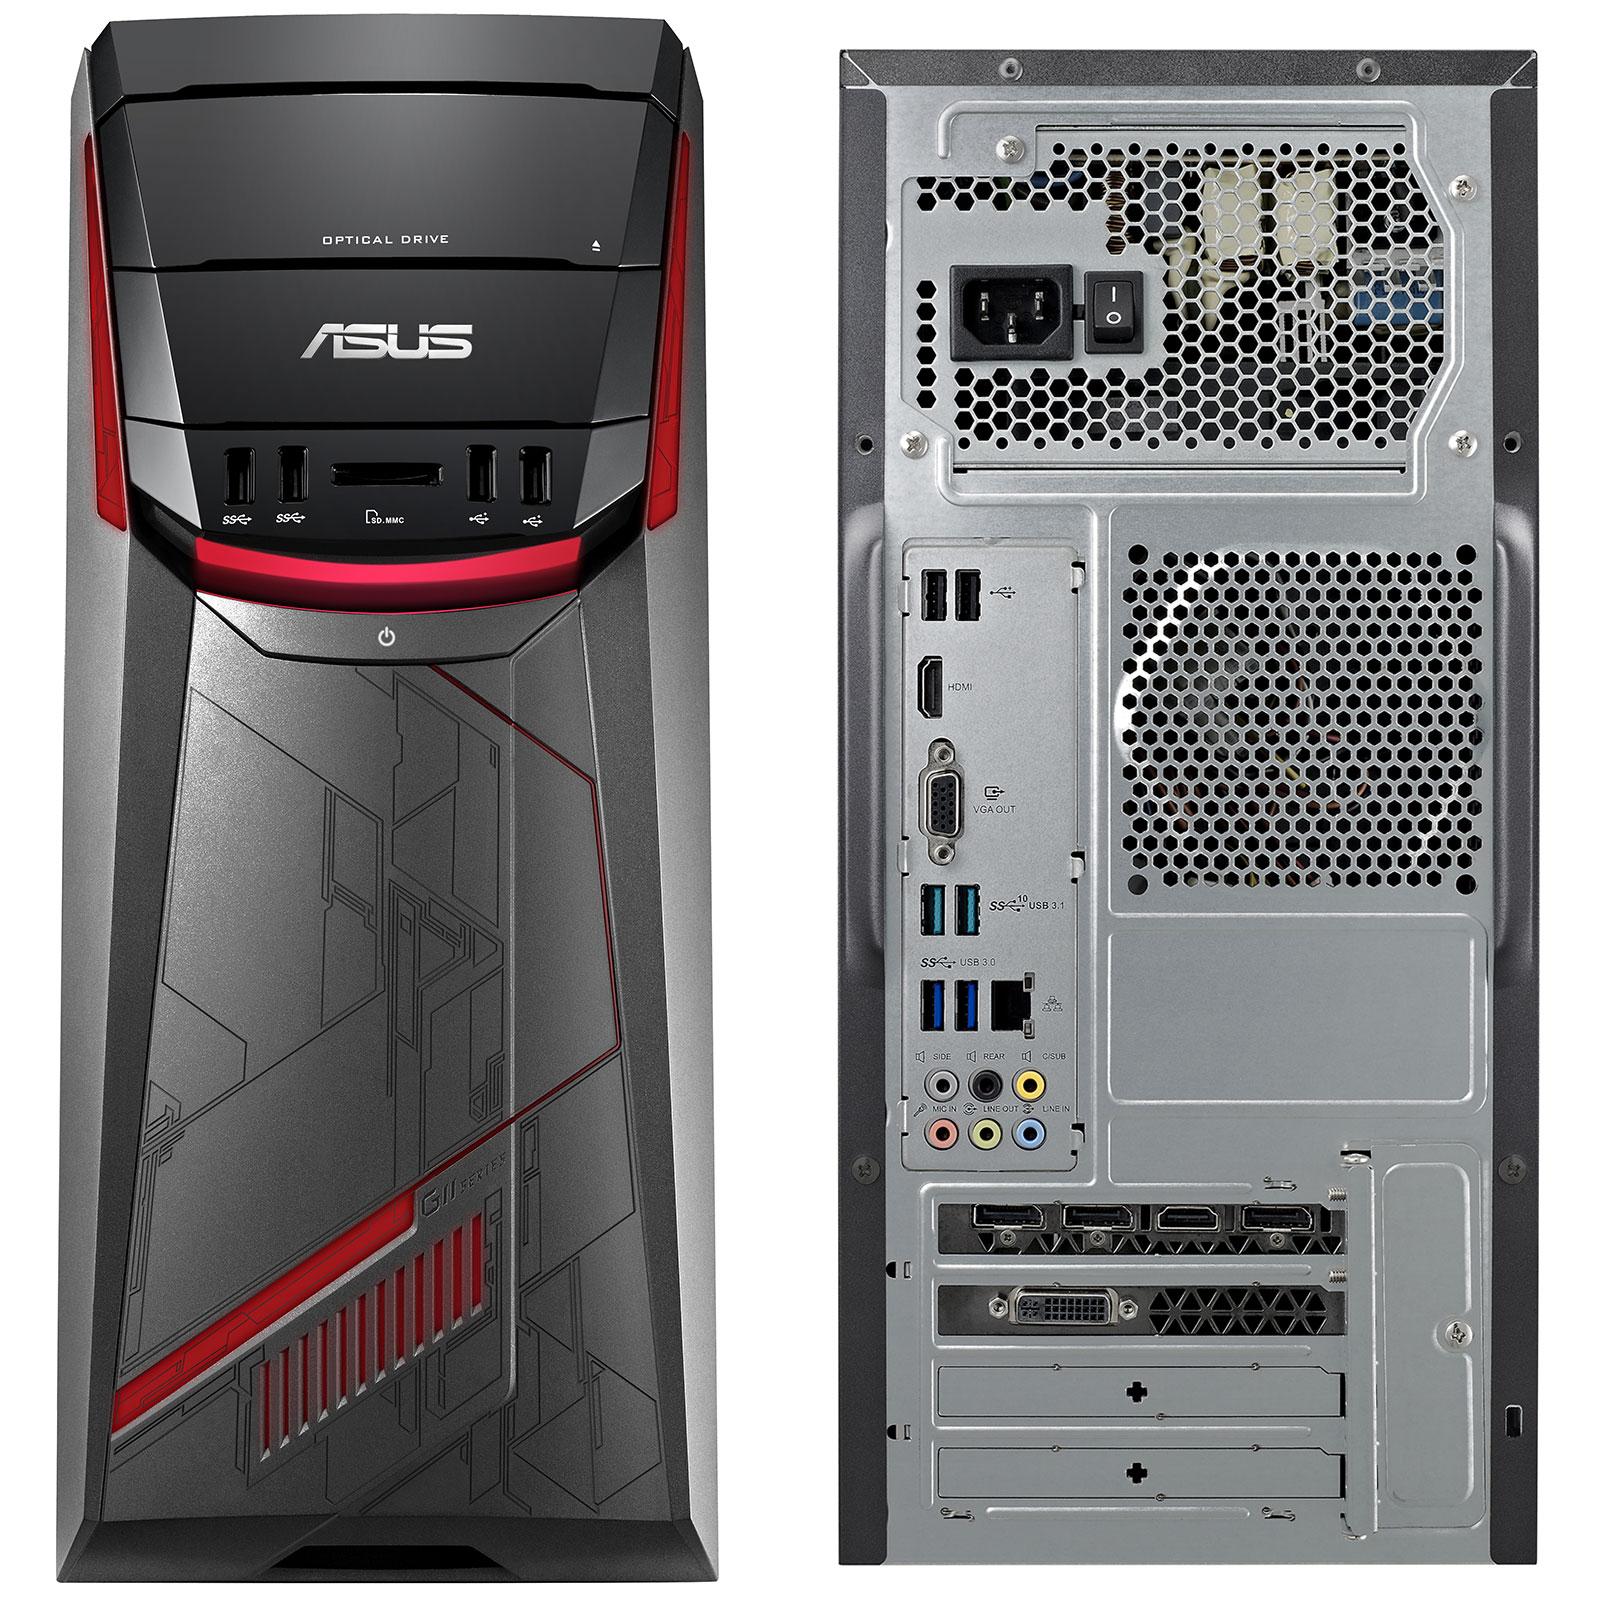 Asus G11cd Fr071t Pc De Bureau Asus Sur Ldlc Com